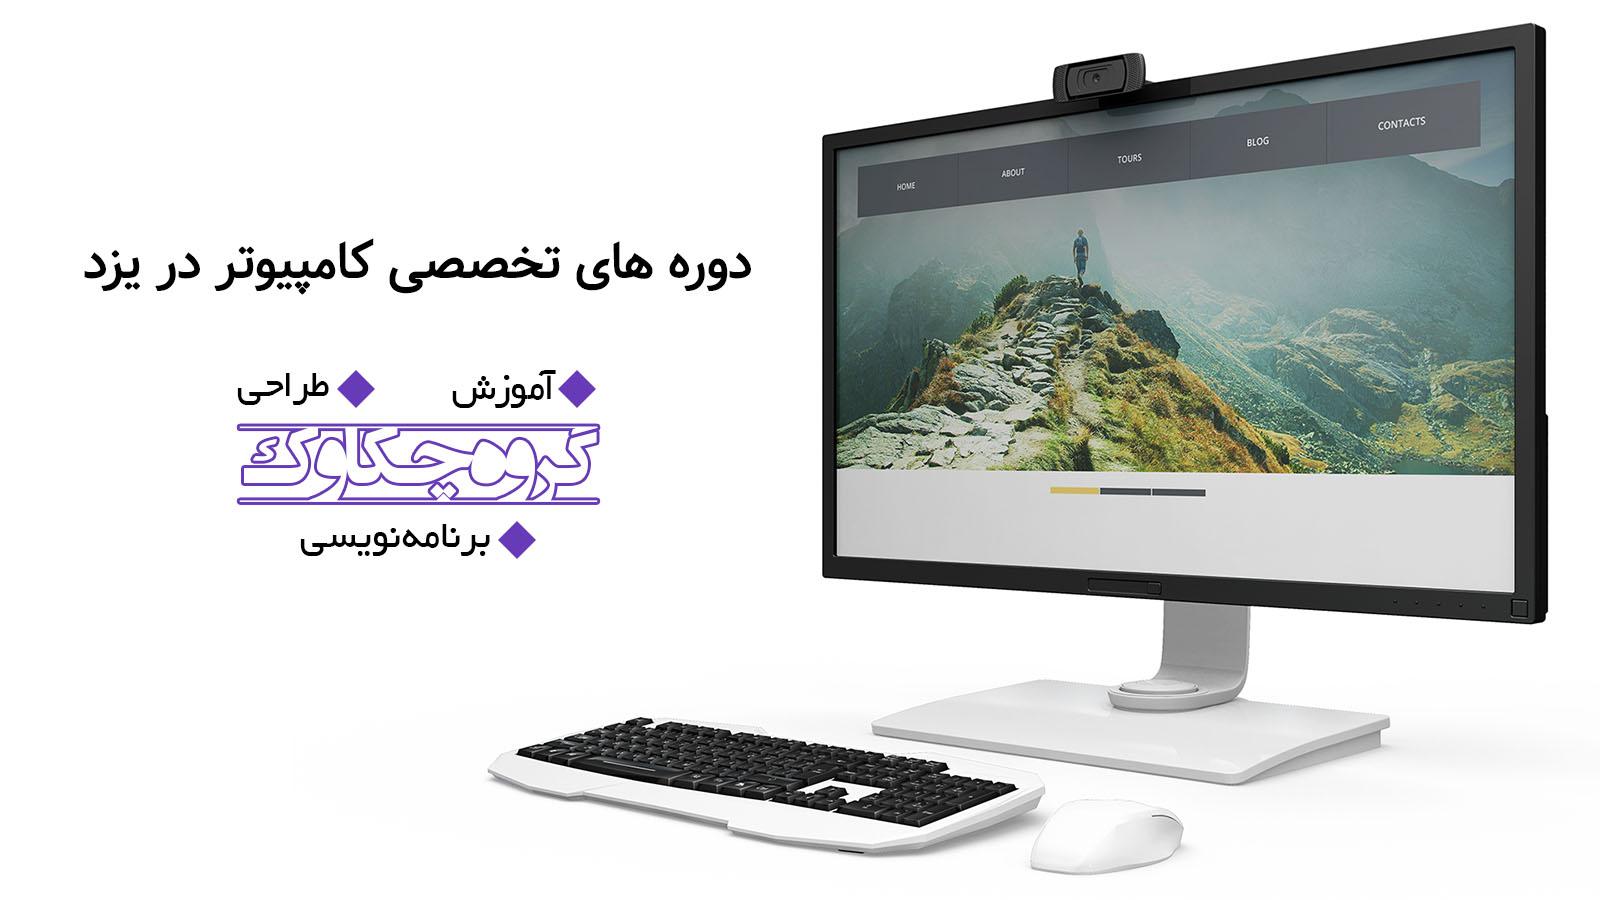 کلاس کامپیوتر در یزد